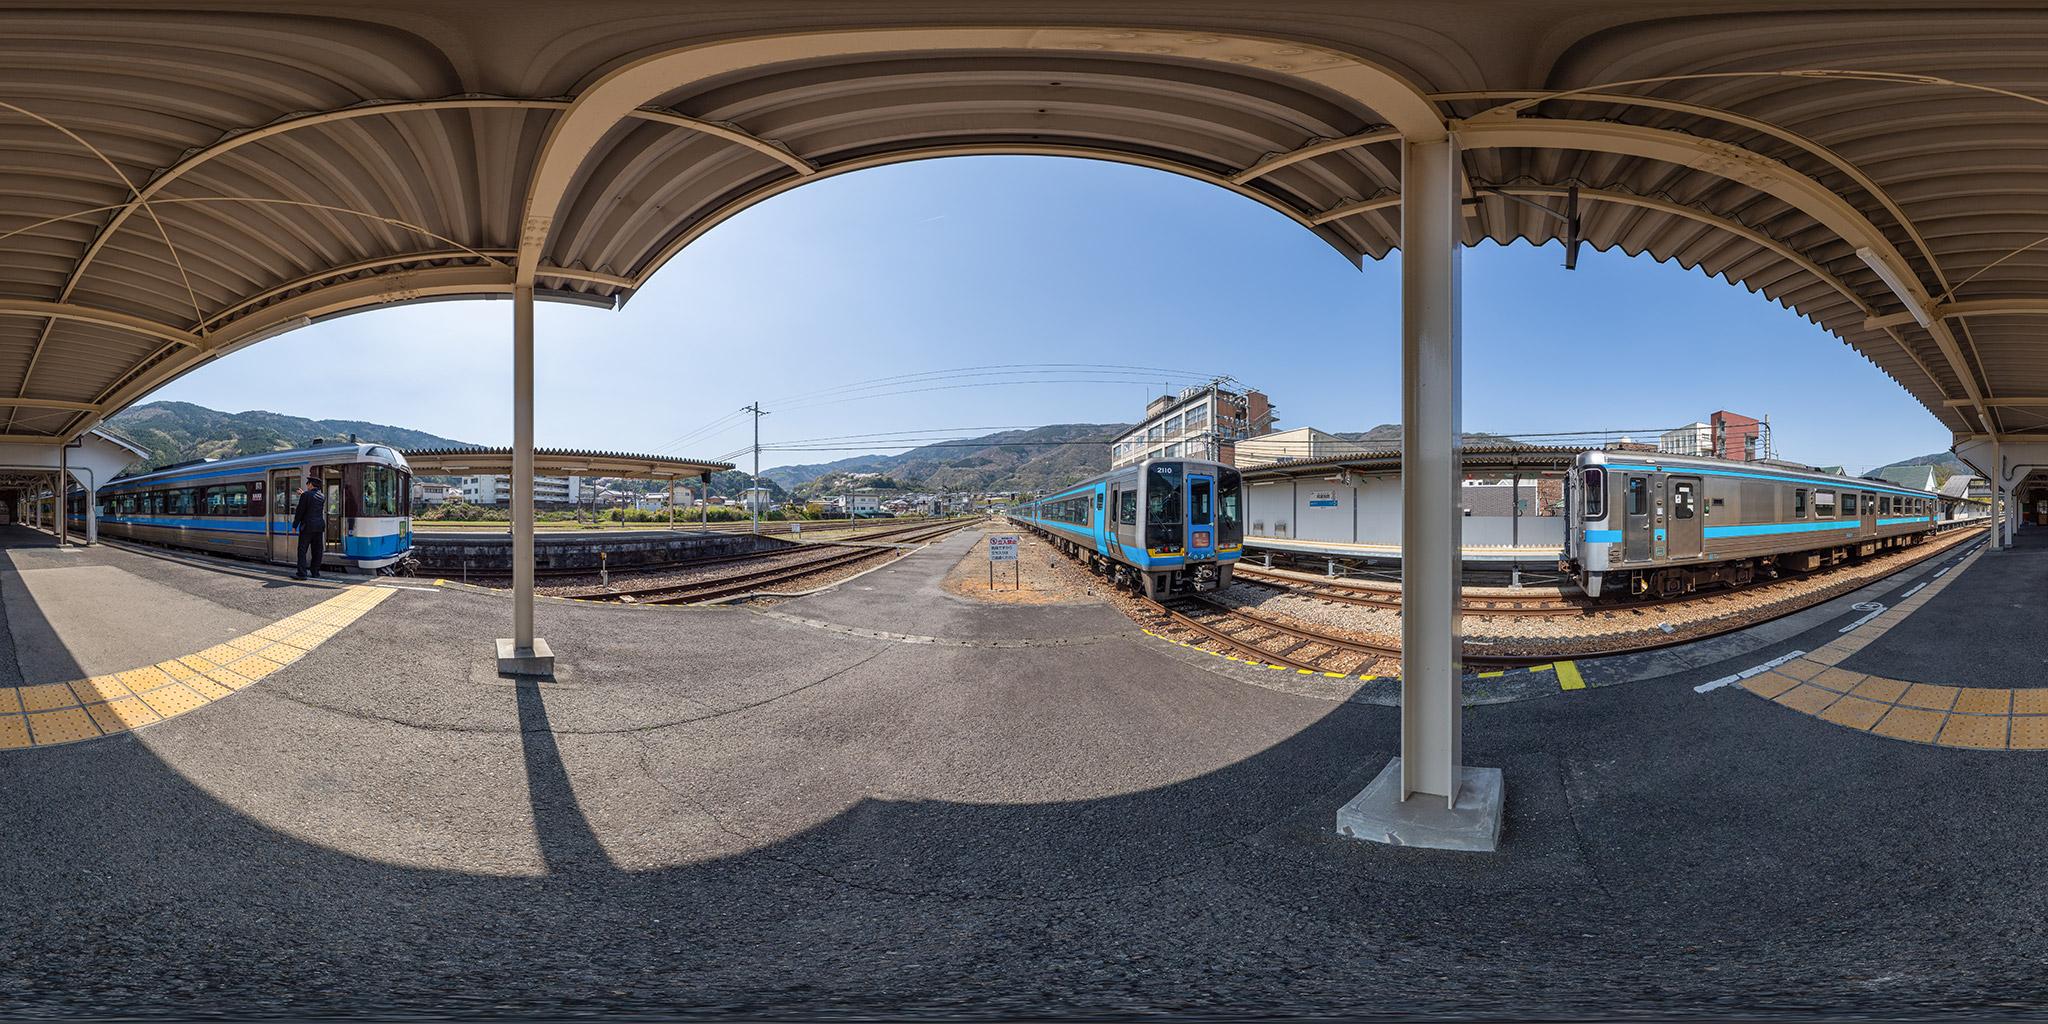 阿波池田駅にて2000系南風とキハ185系剣山